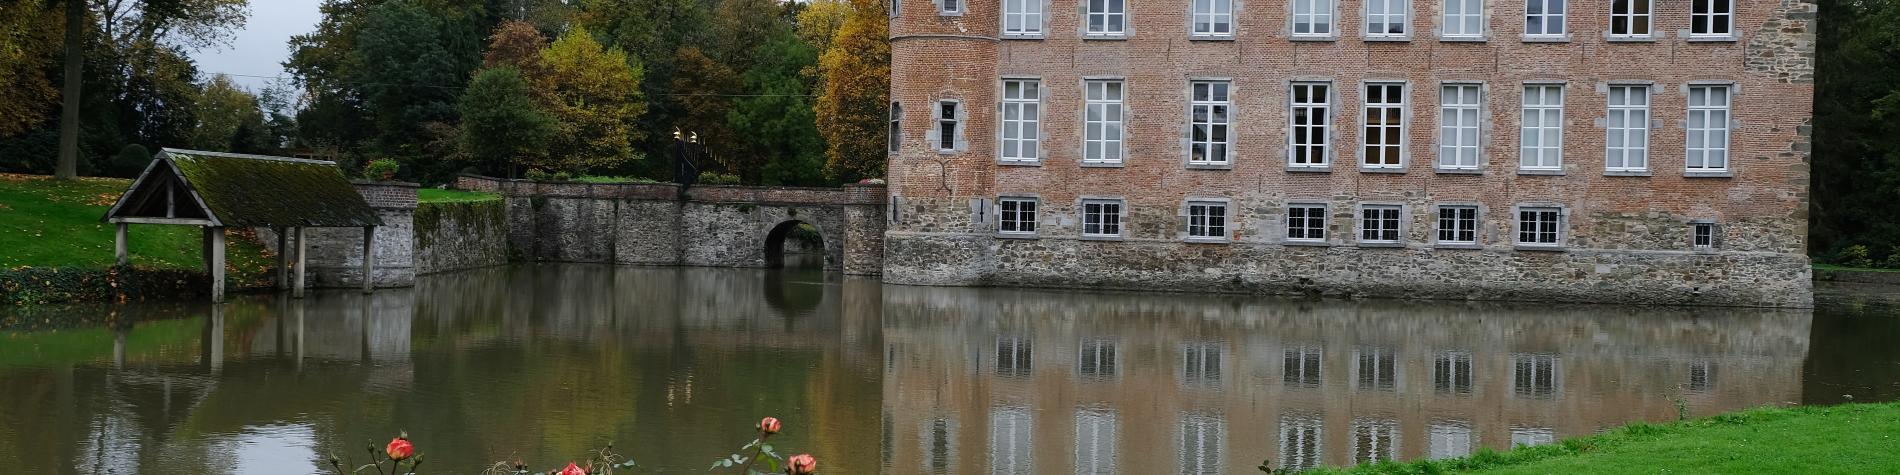 Parc du Château-Braine-le-Château-Vue du château